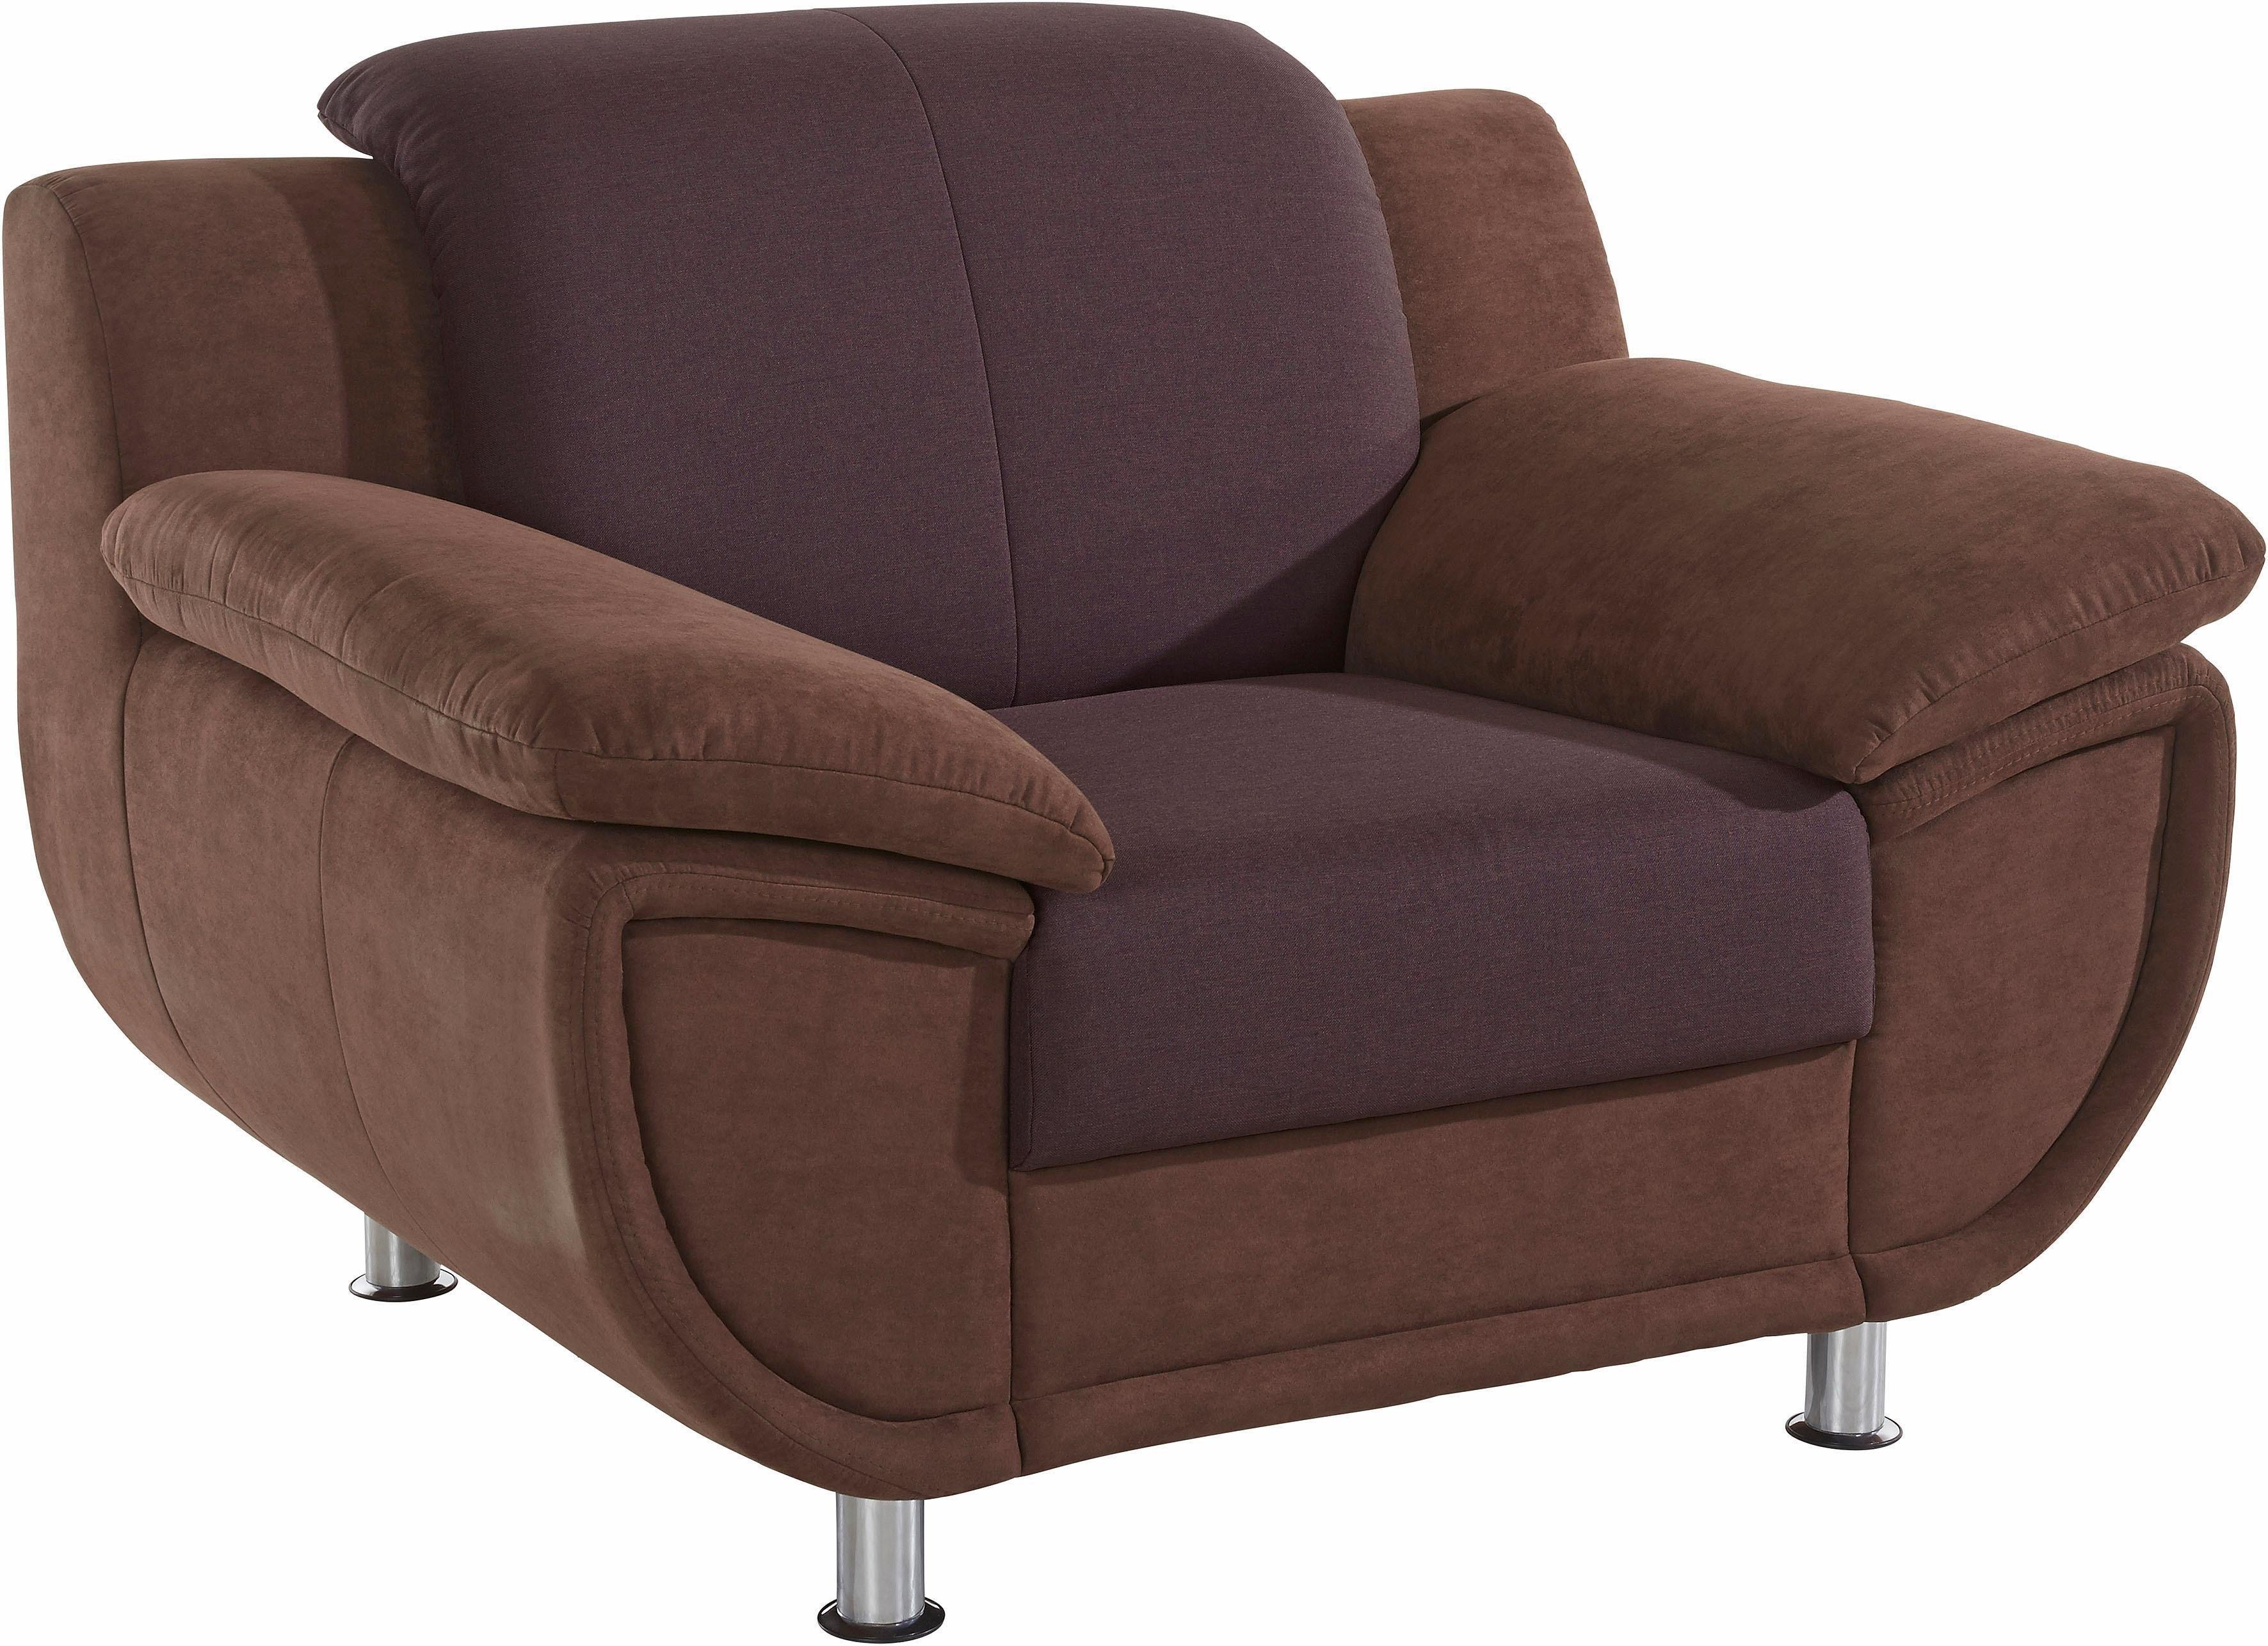 Trendmanufaktur fauteuil met binnenvering nu online bestellen